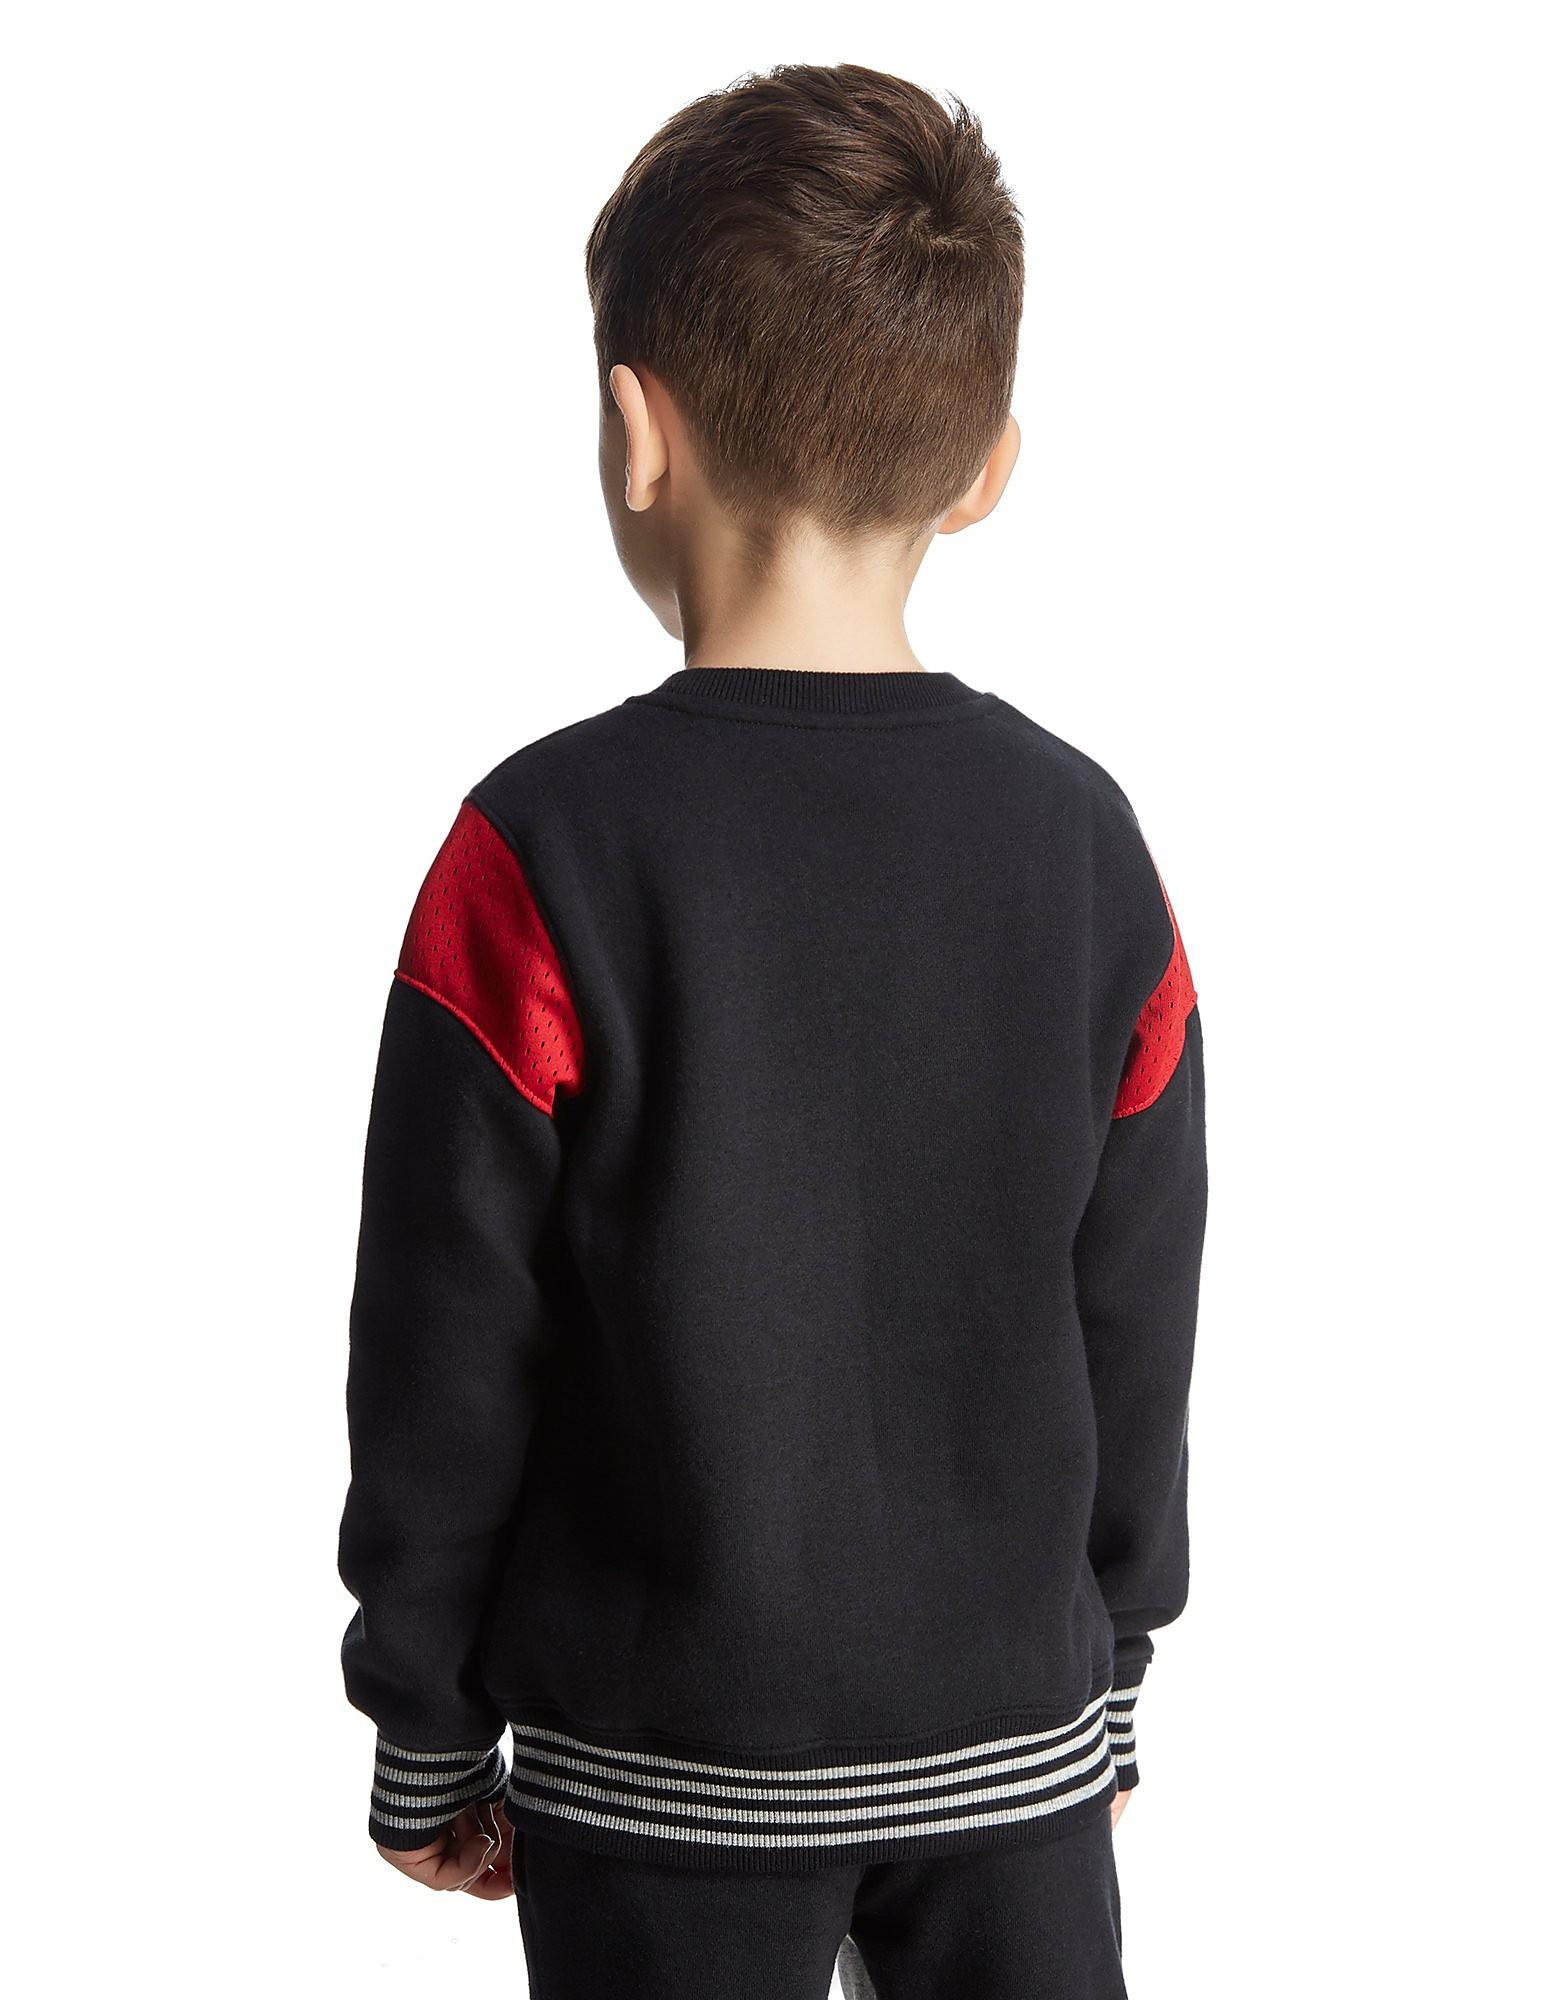 Jordan Free Crew Sweatshirt Children